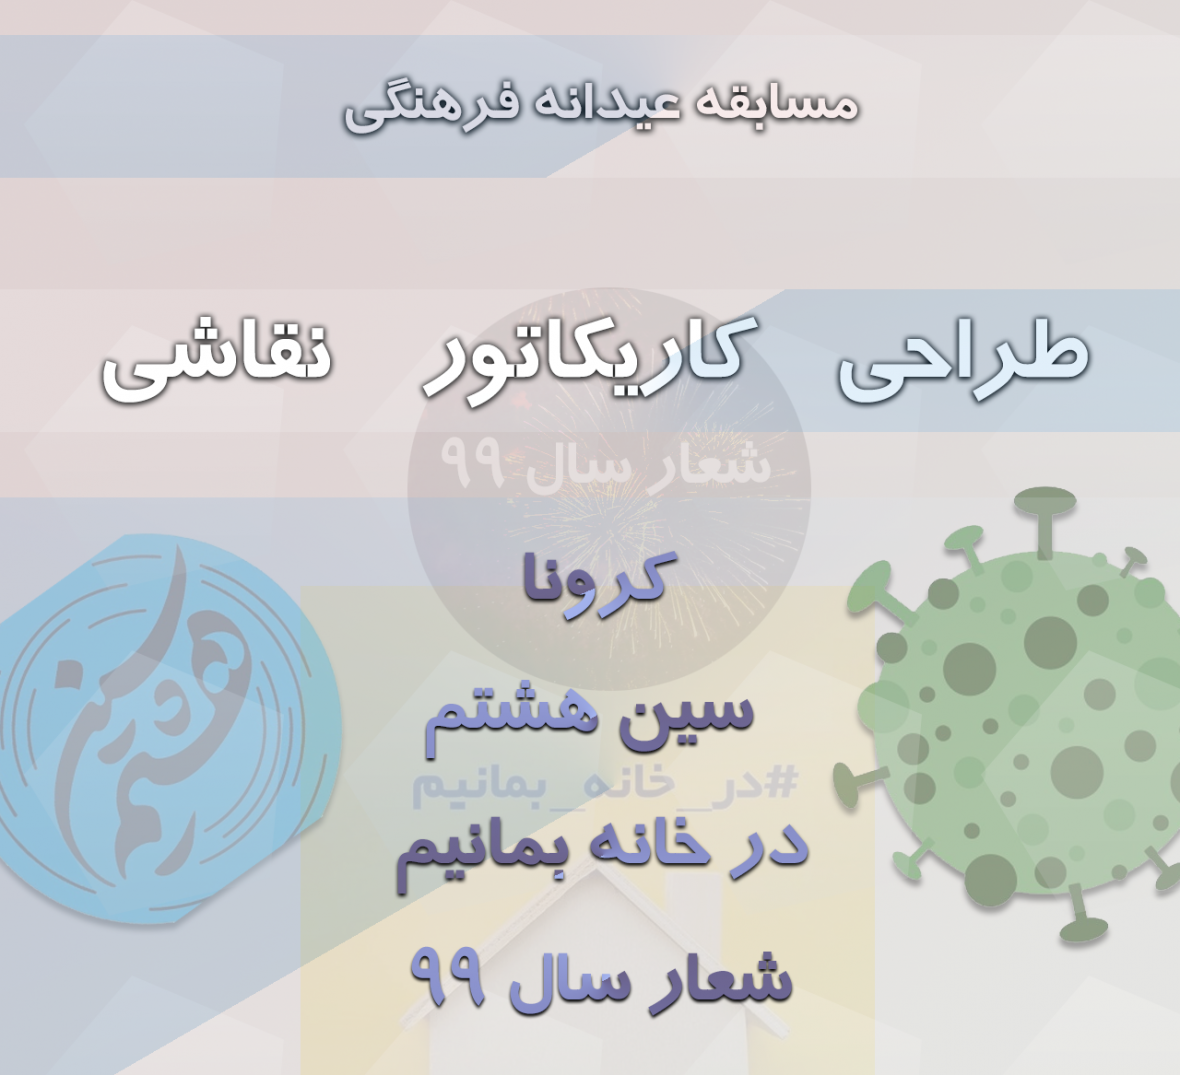 برگزیده مسابقه عیدانه فرهنگی خبرنگاران تعیین شد